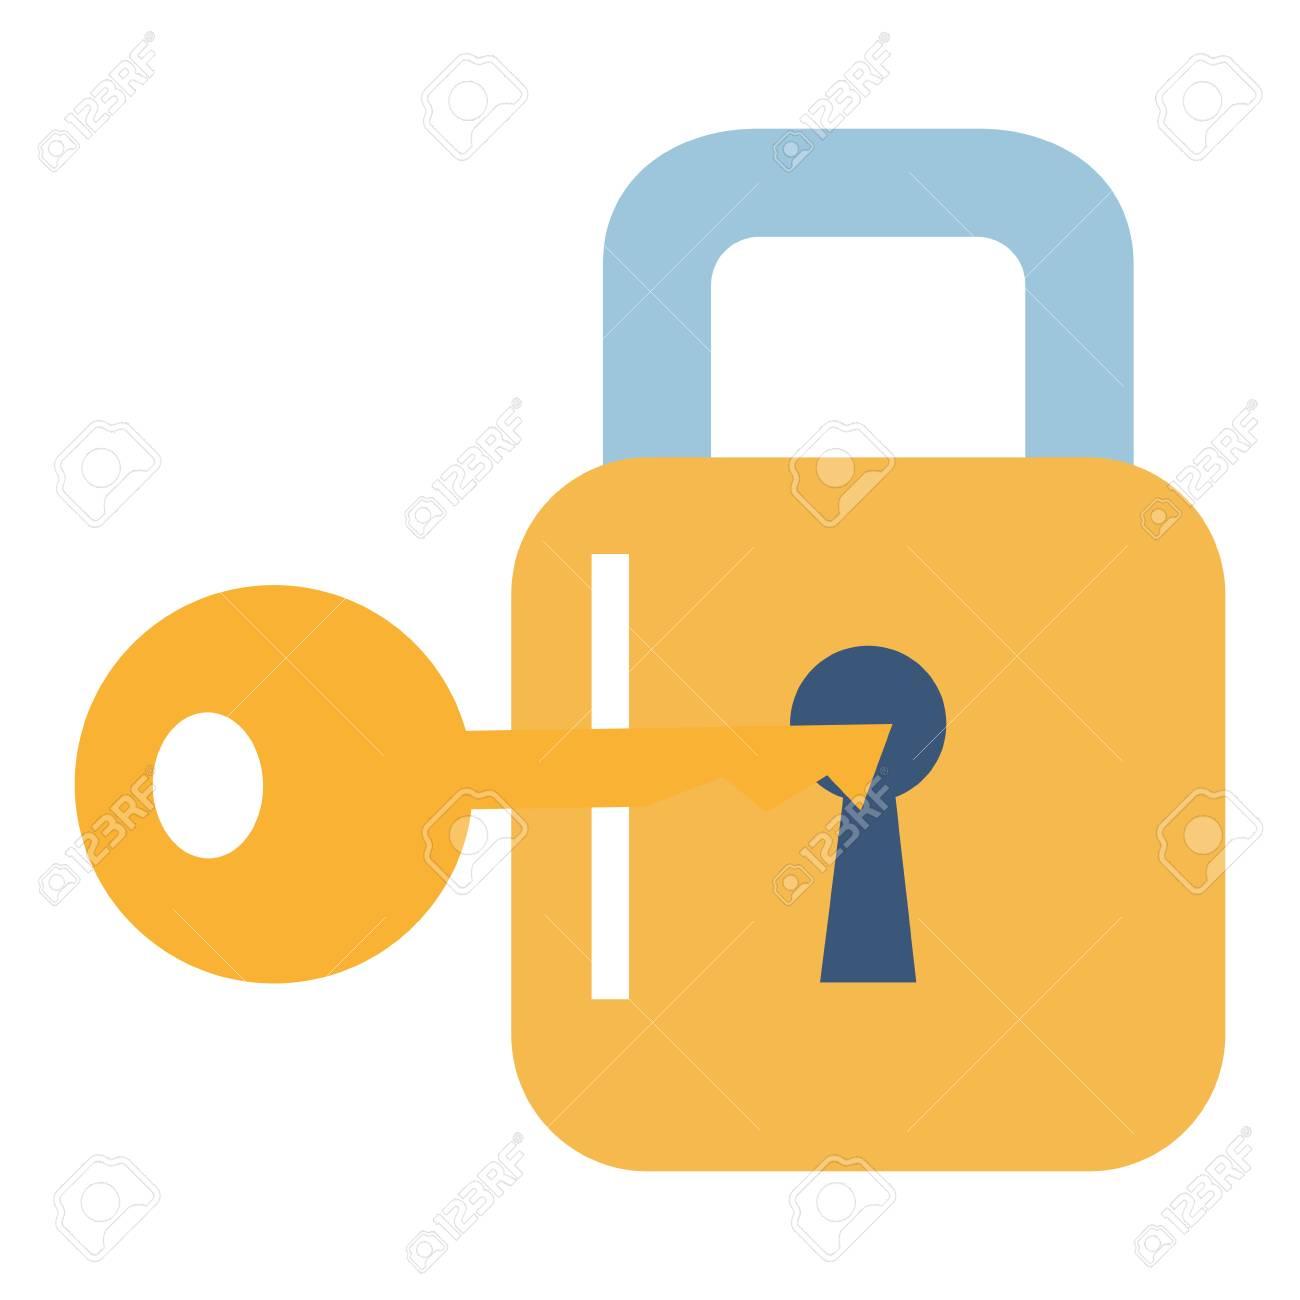 Safe secure padlock with key vector illustration design - 90373026